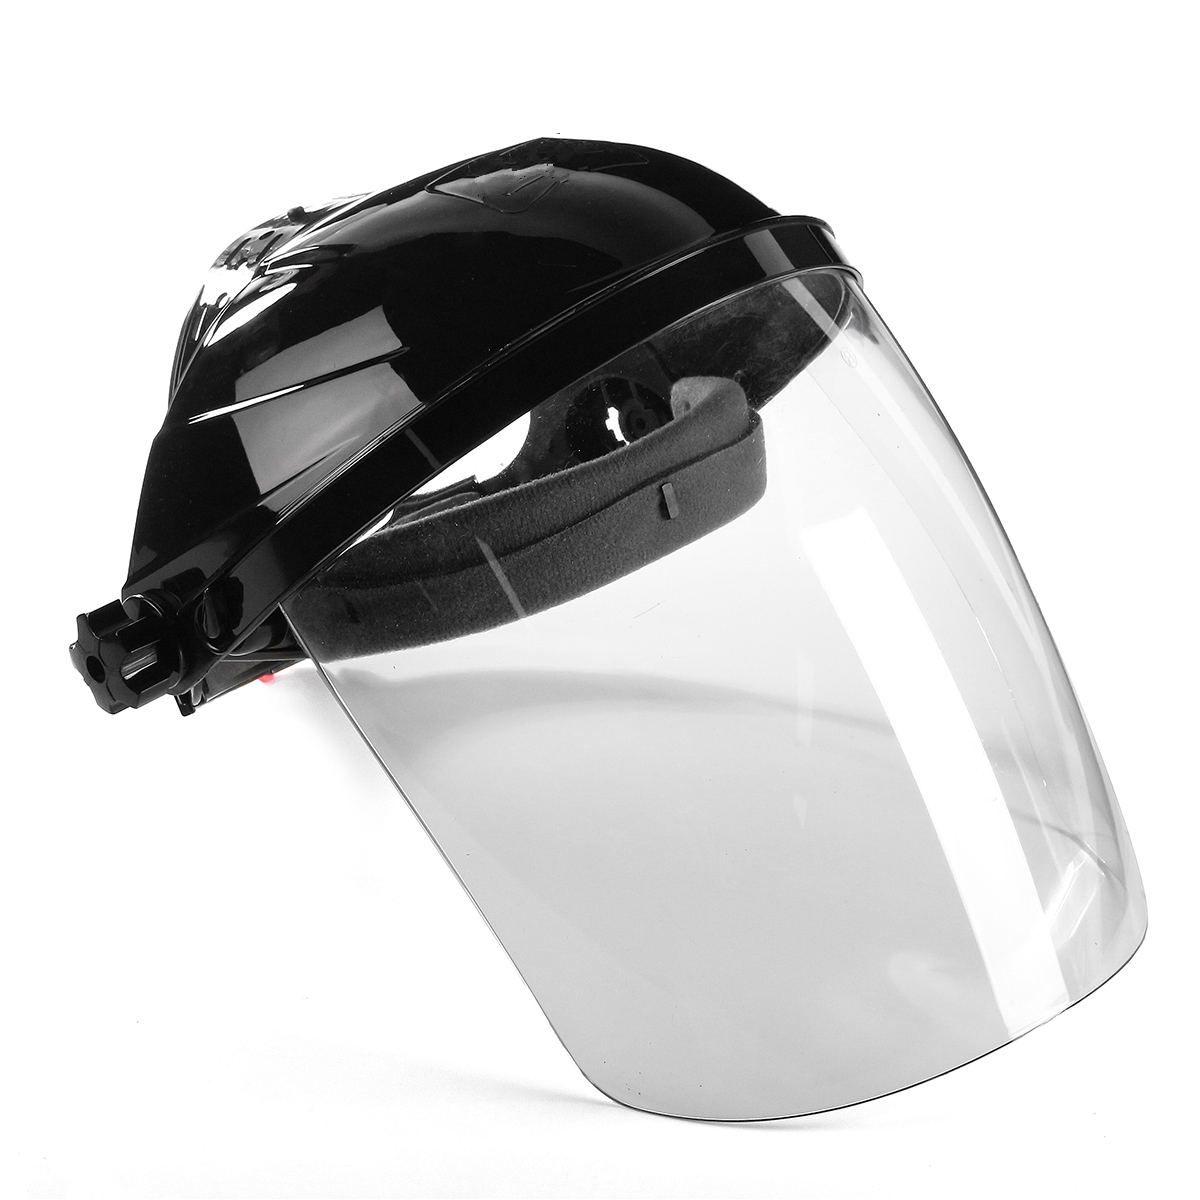 Nueva lente transparente anti-uv anti-choque casco Cara escudo Máscara de Soldadura Cara ojo proteger anti-choque